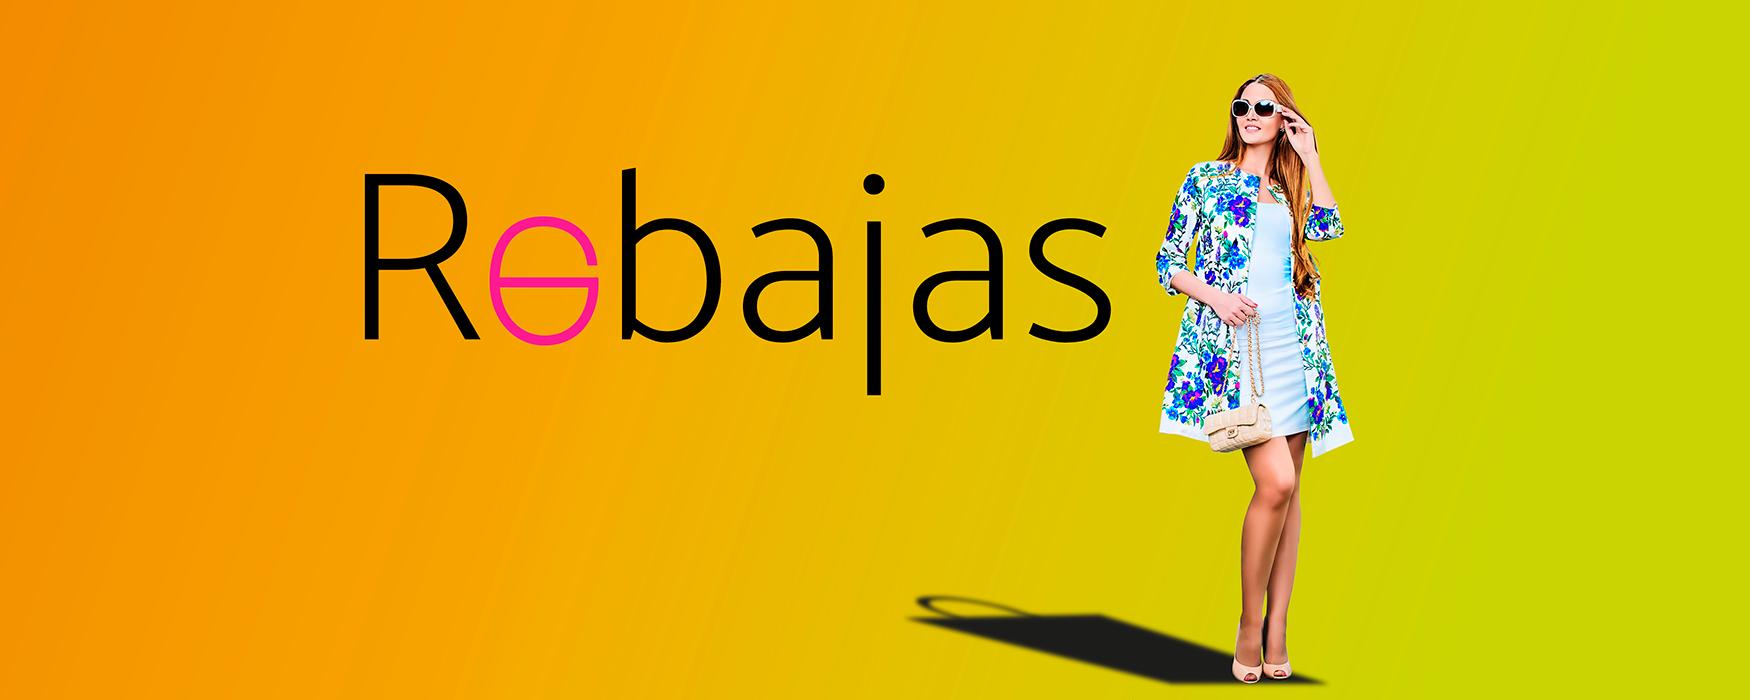 Cabecera-Web-Rebajas